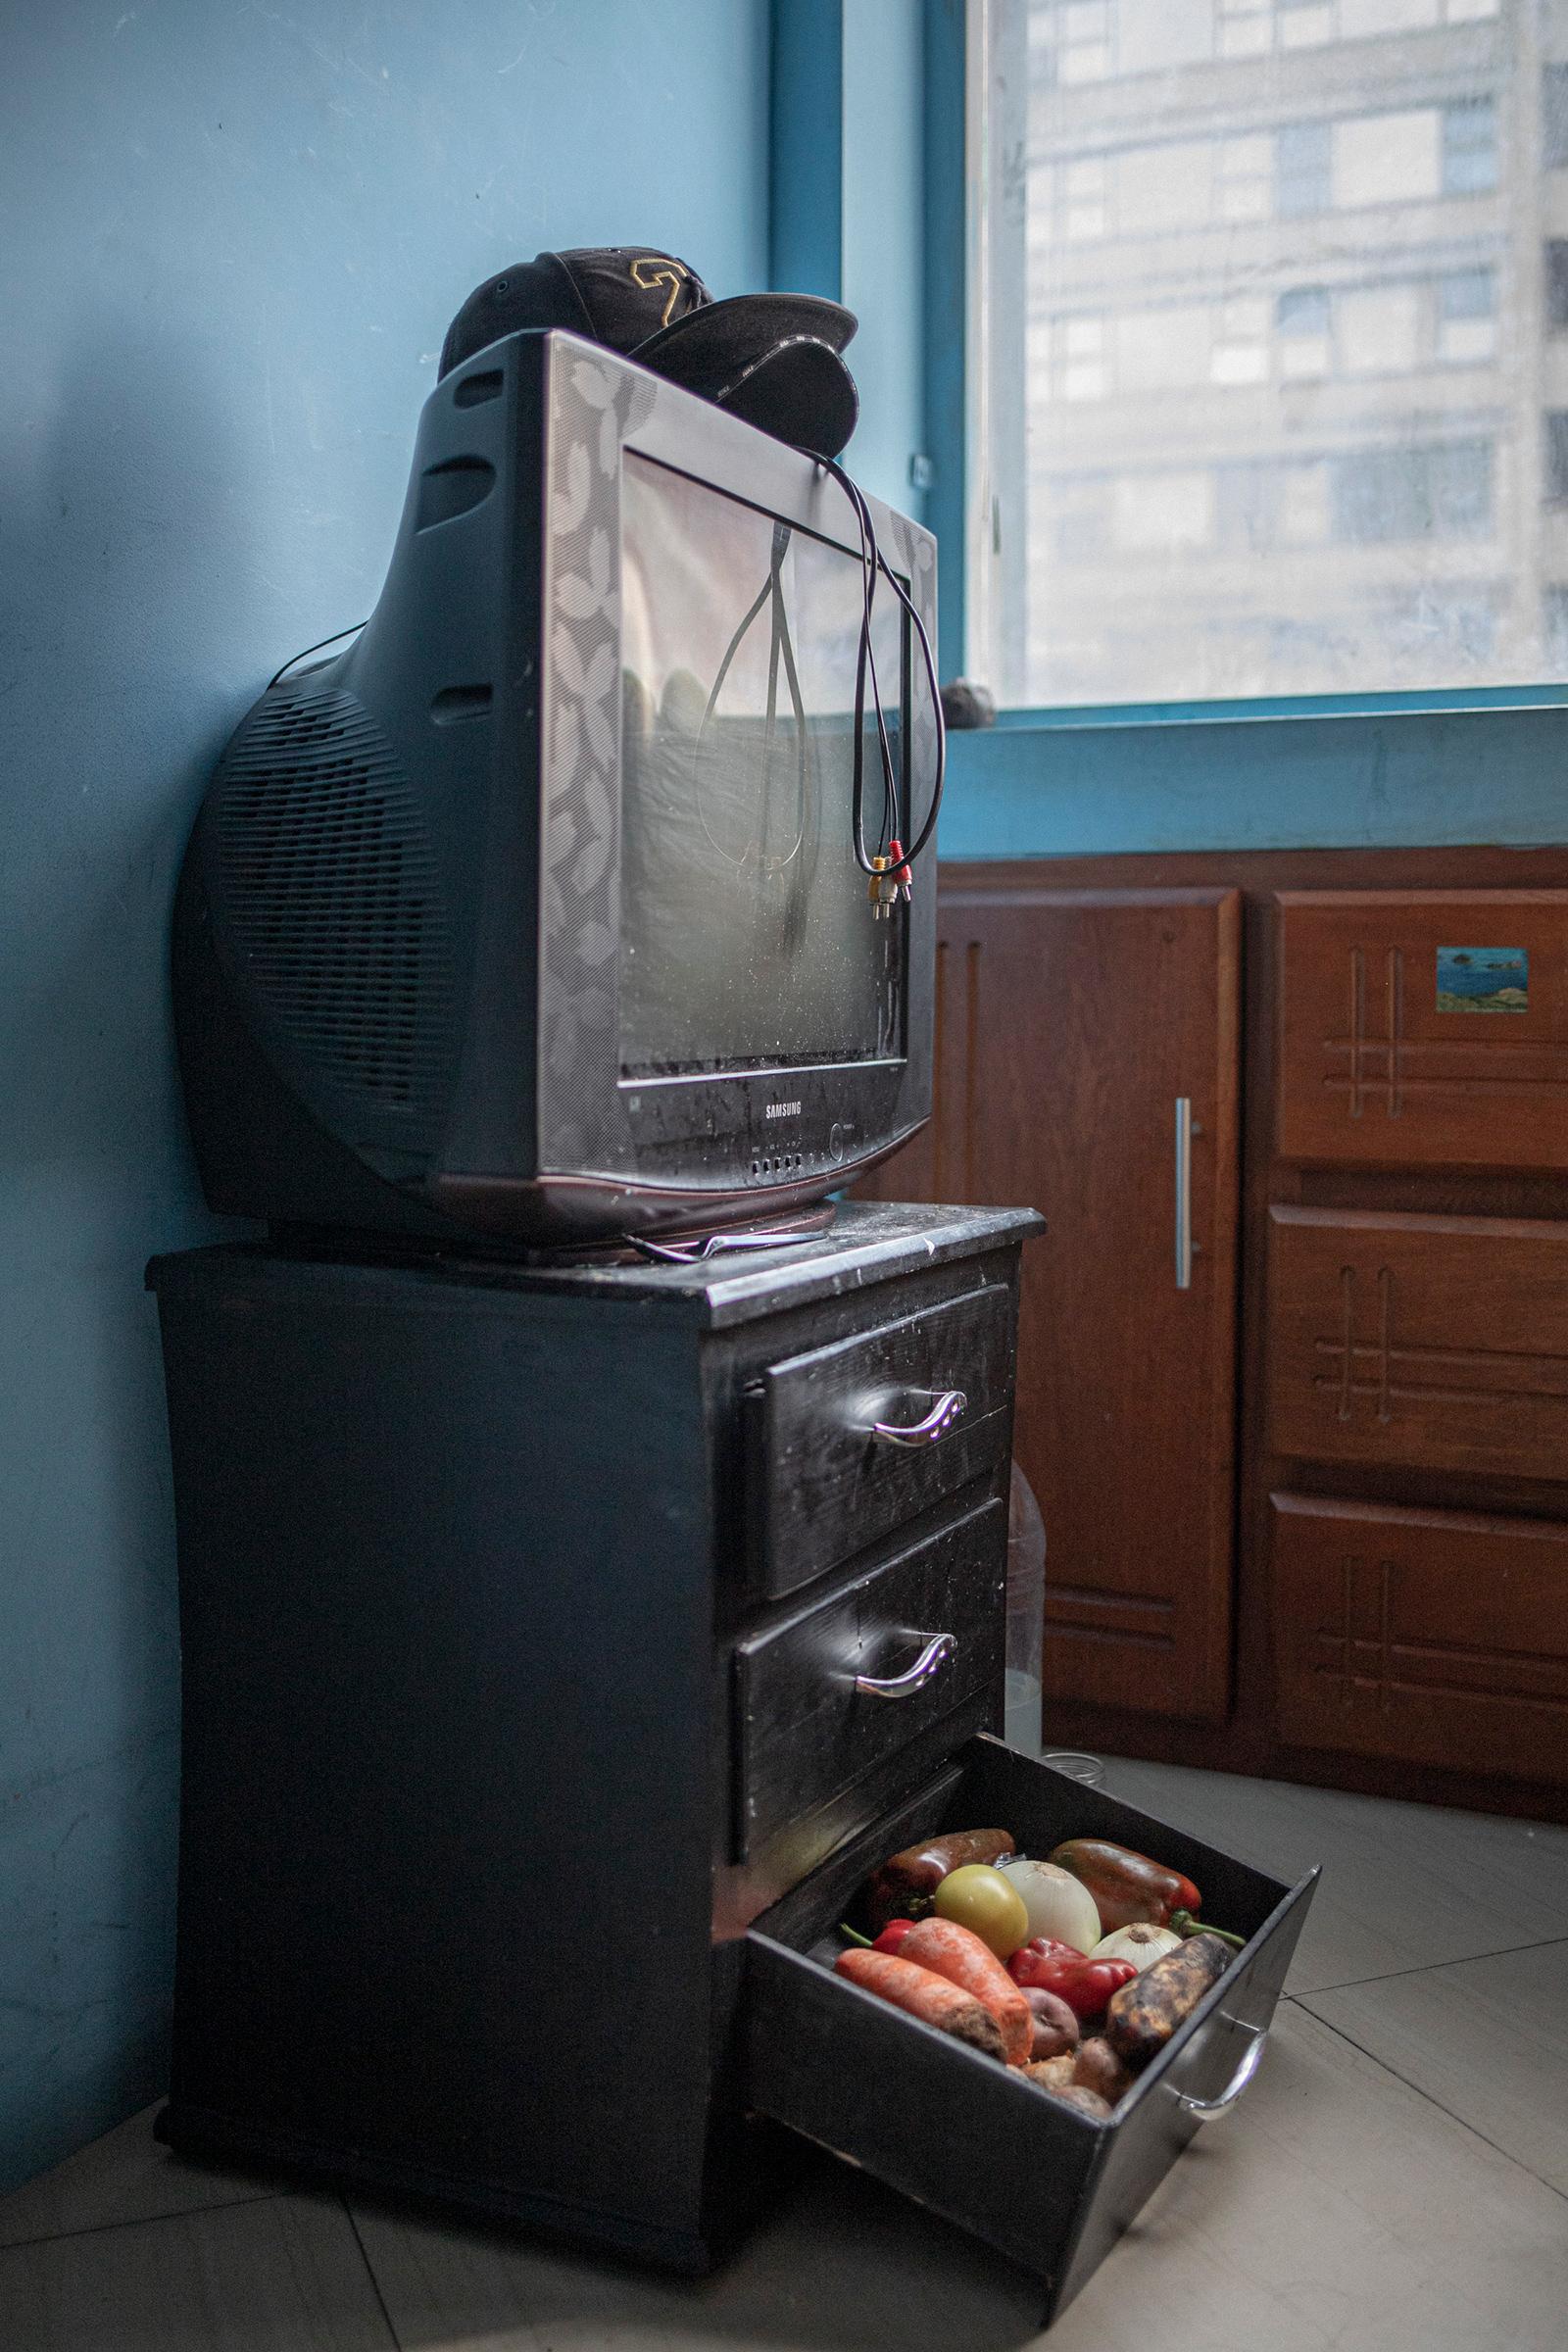 En un departamento sin refrigerador, el amigo de Sánchez, Ángel Correa, almacena comida donde puede.